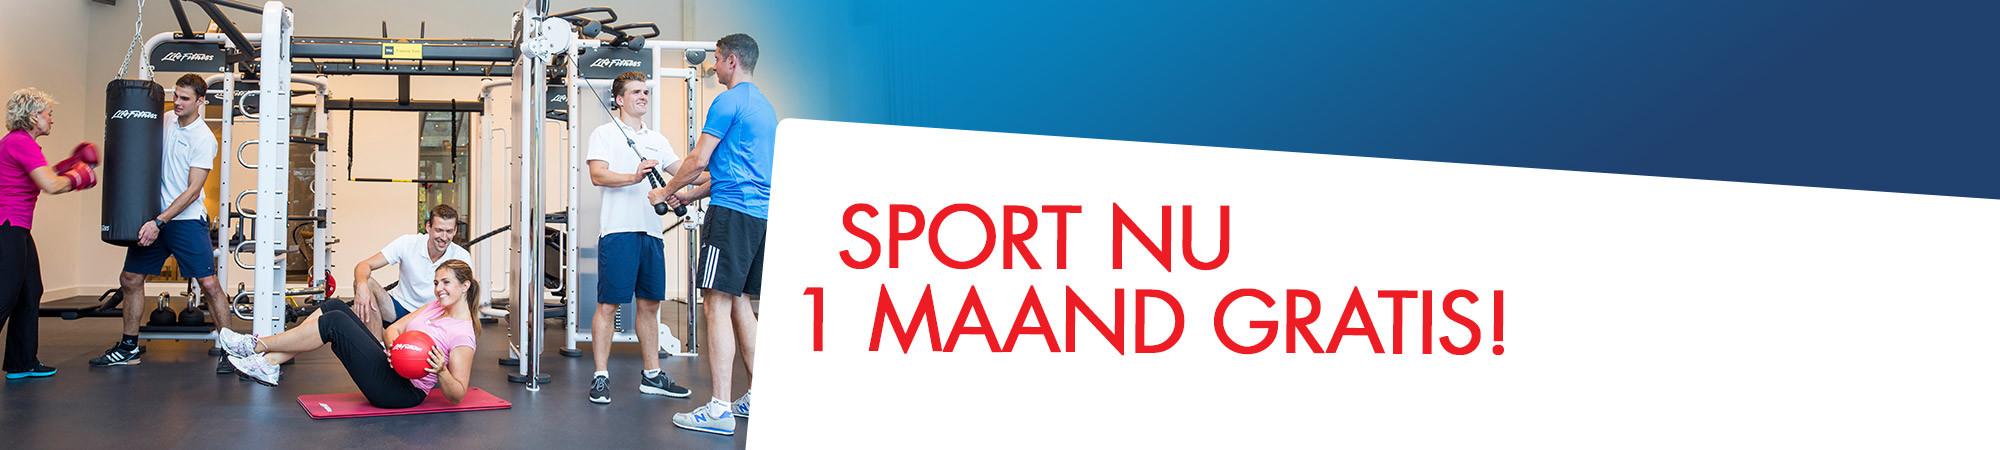 Hfd_1-sport-nu-1-maand-gratis-sanasport